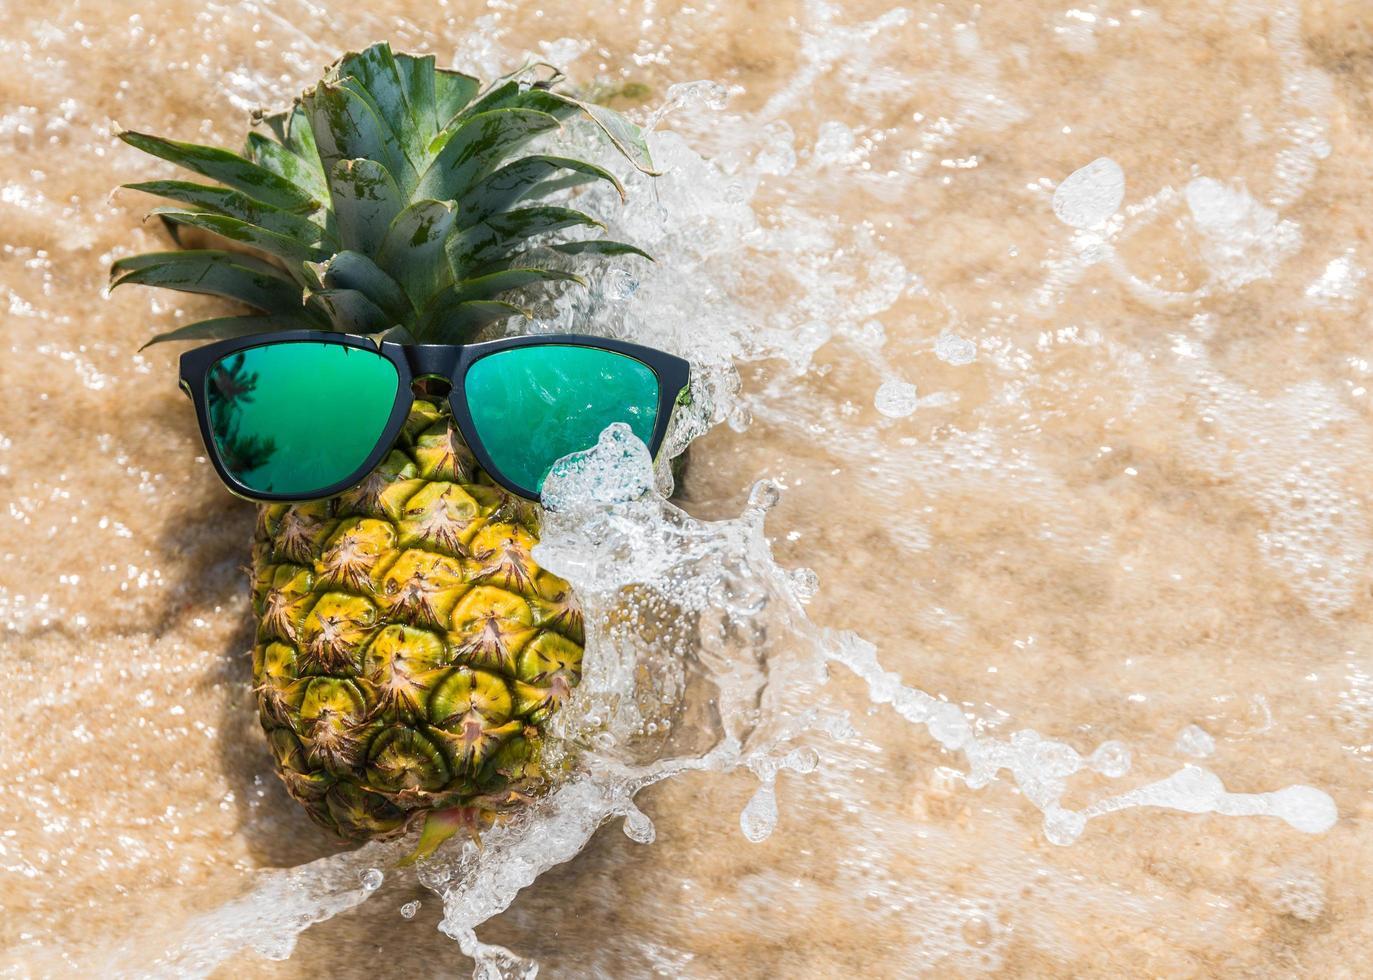 ananas et lunettes de soleil éclaboussées de vagues photo